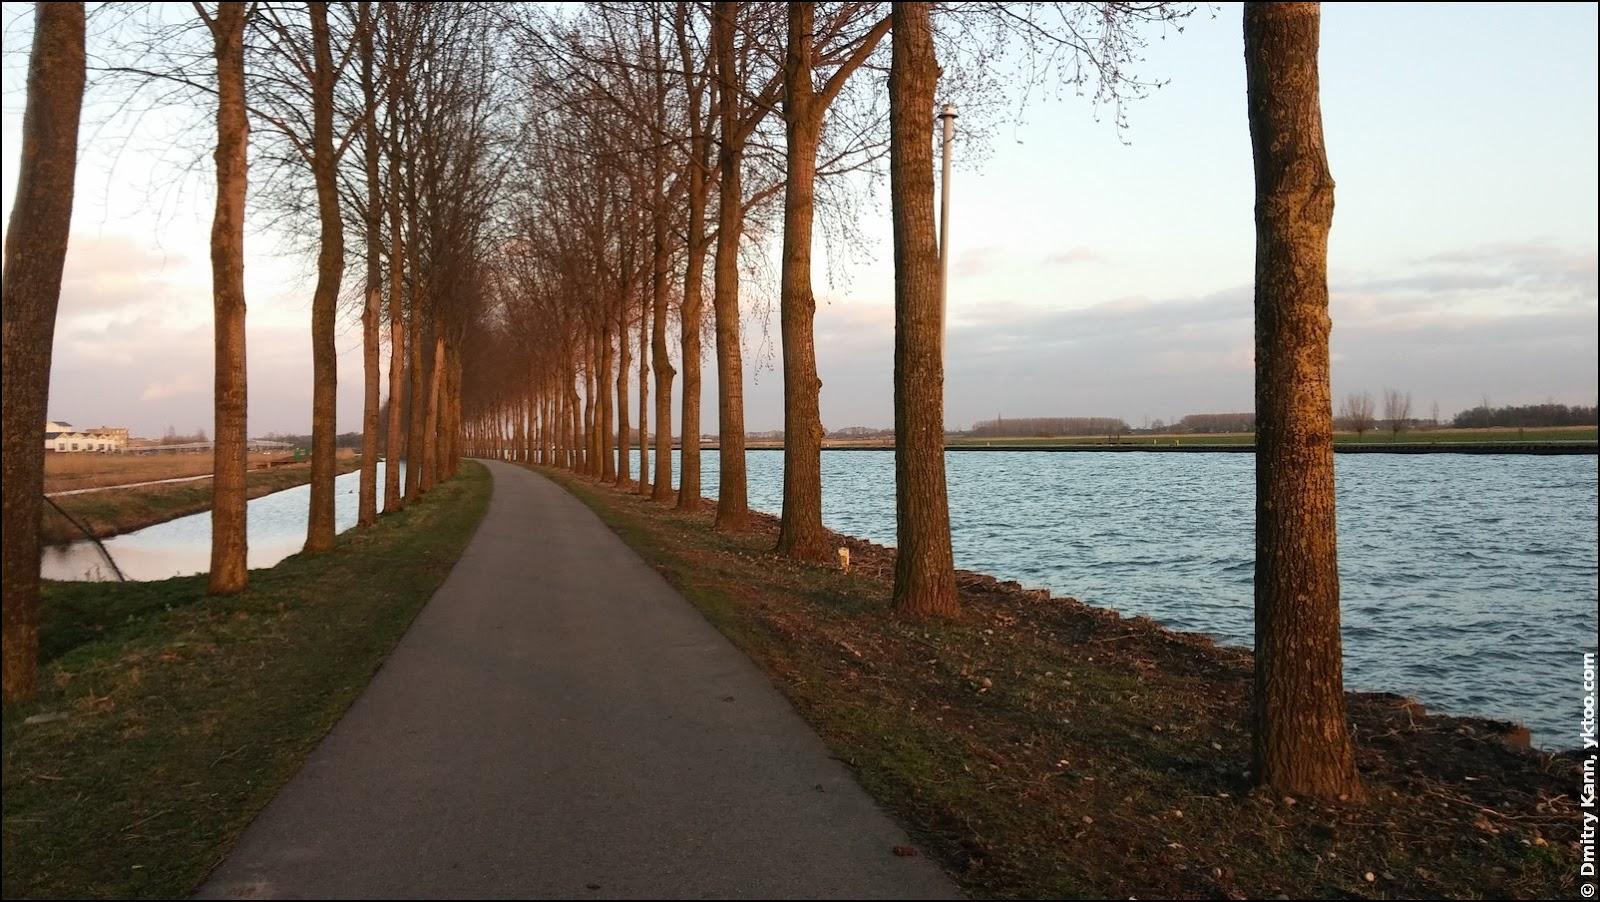 Март. Amsterdam-Rijnkanaal справа.